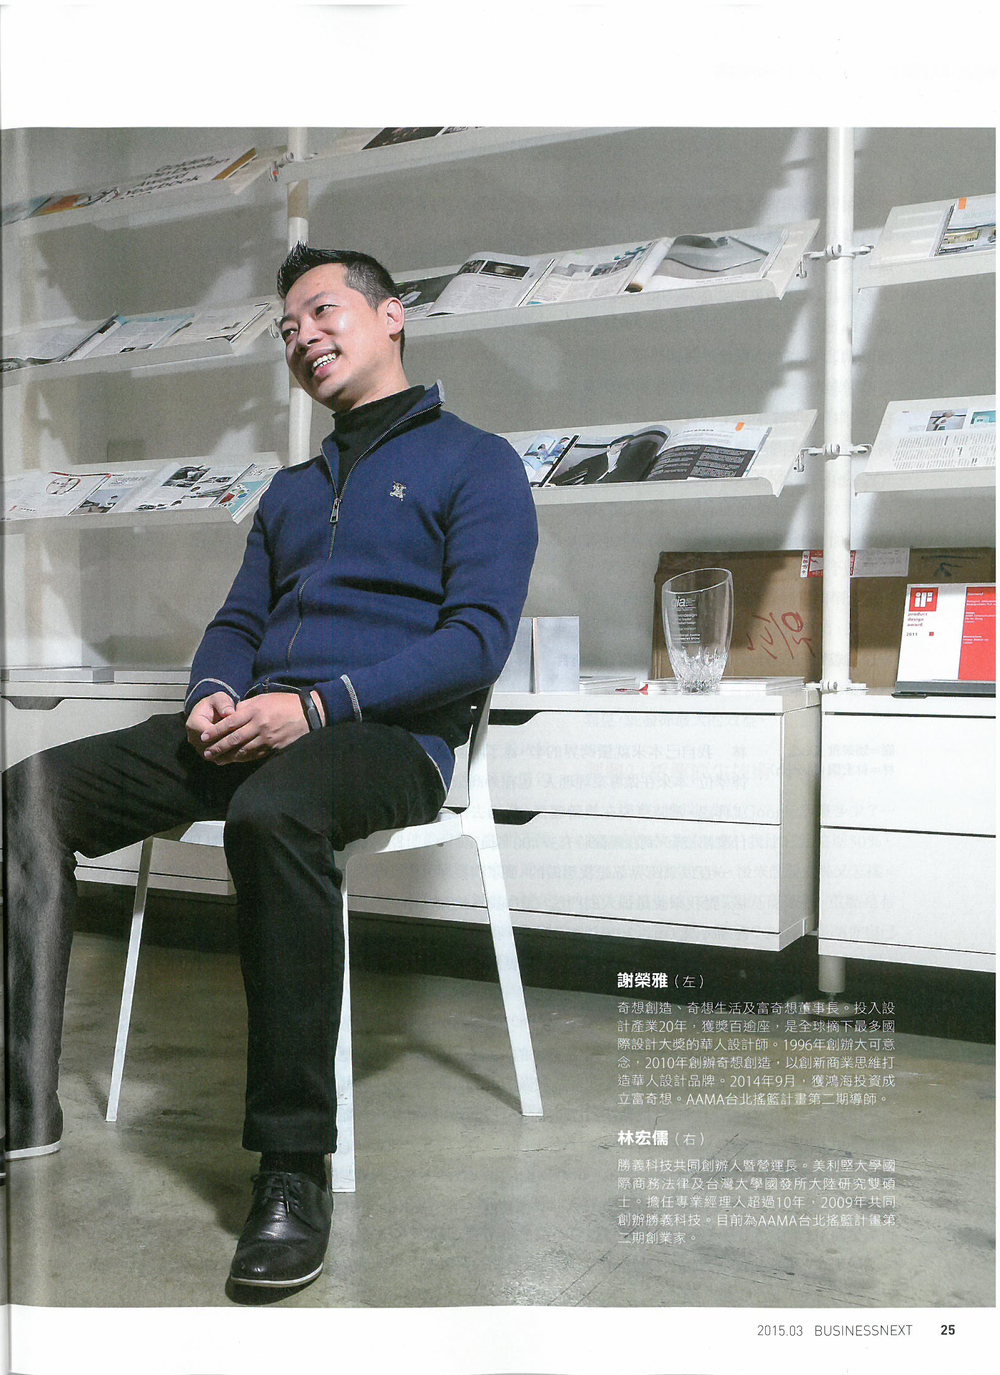 拿掉產業封閉的高牆,勇敢跨出去_數位時代_2015年3月刊_02.jpg